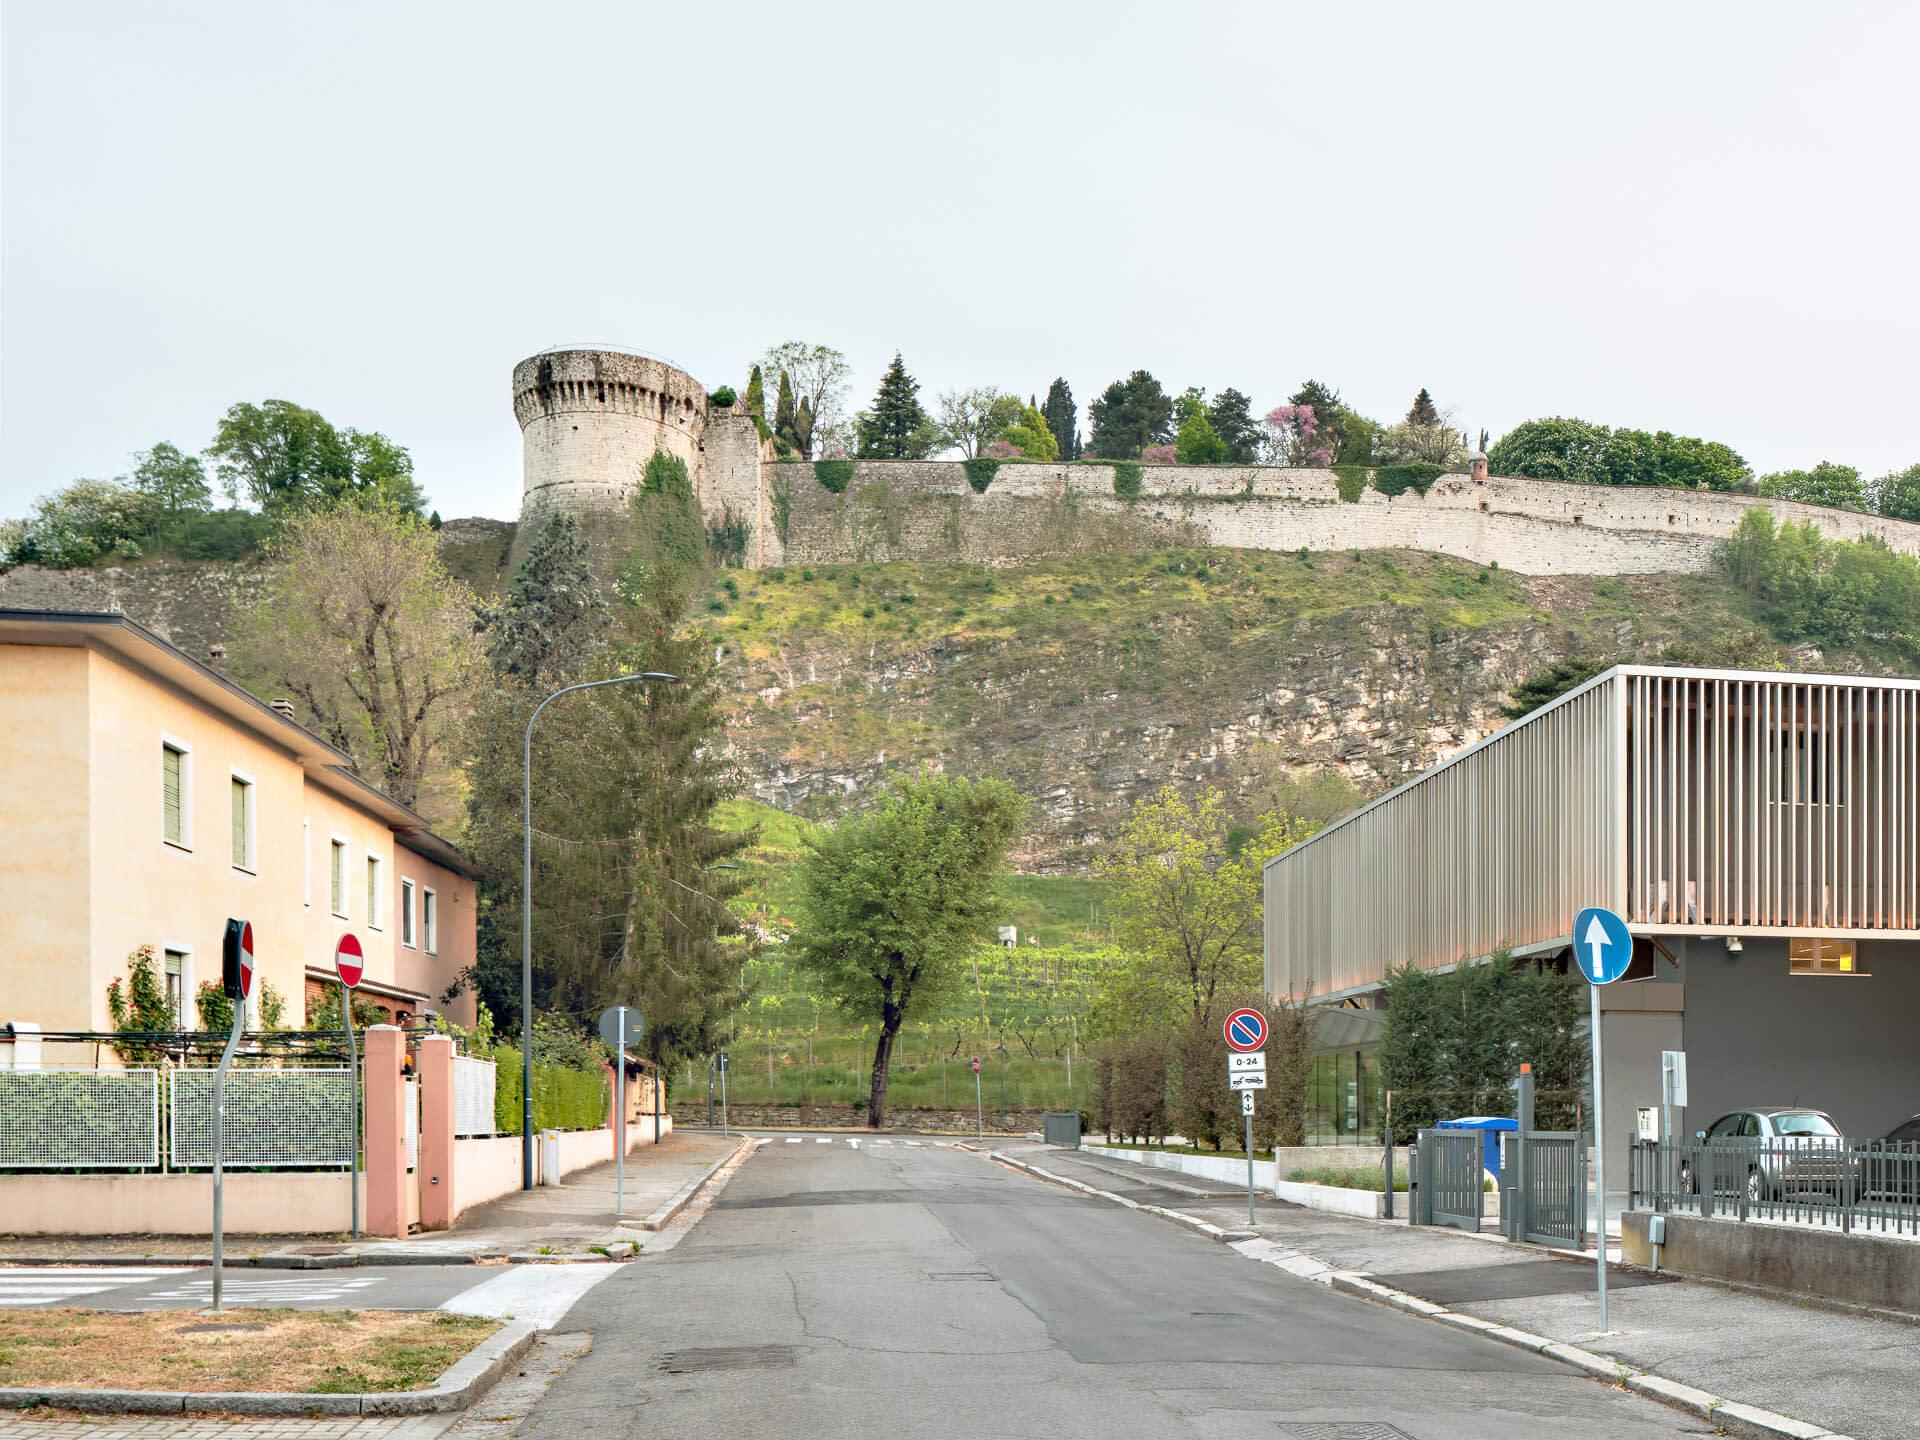 Agenzia Generali di Brescia - Esterni